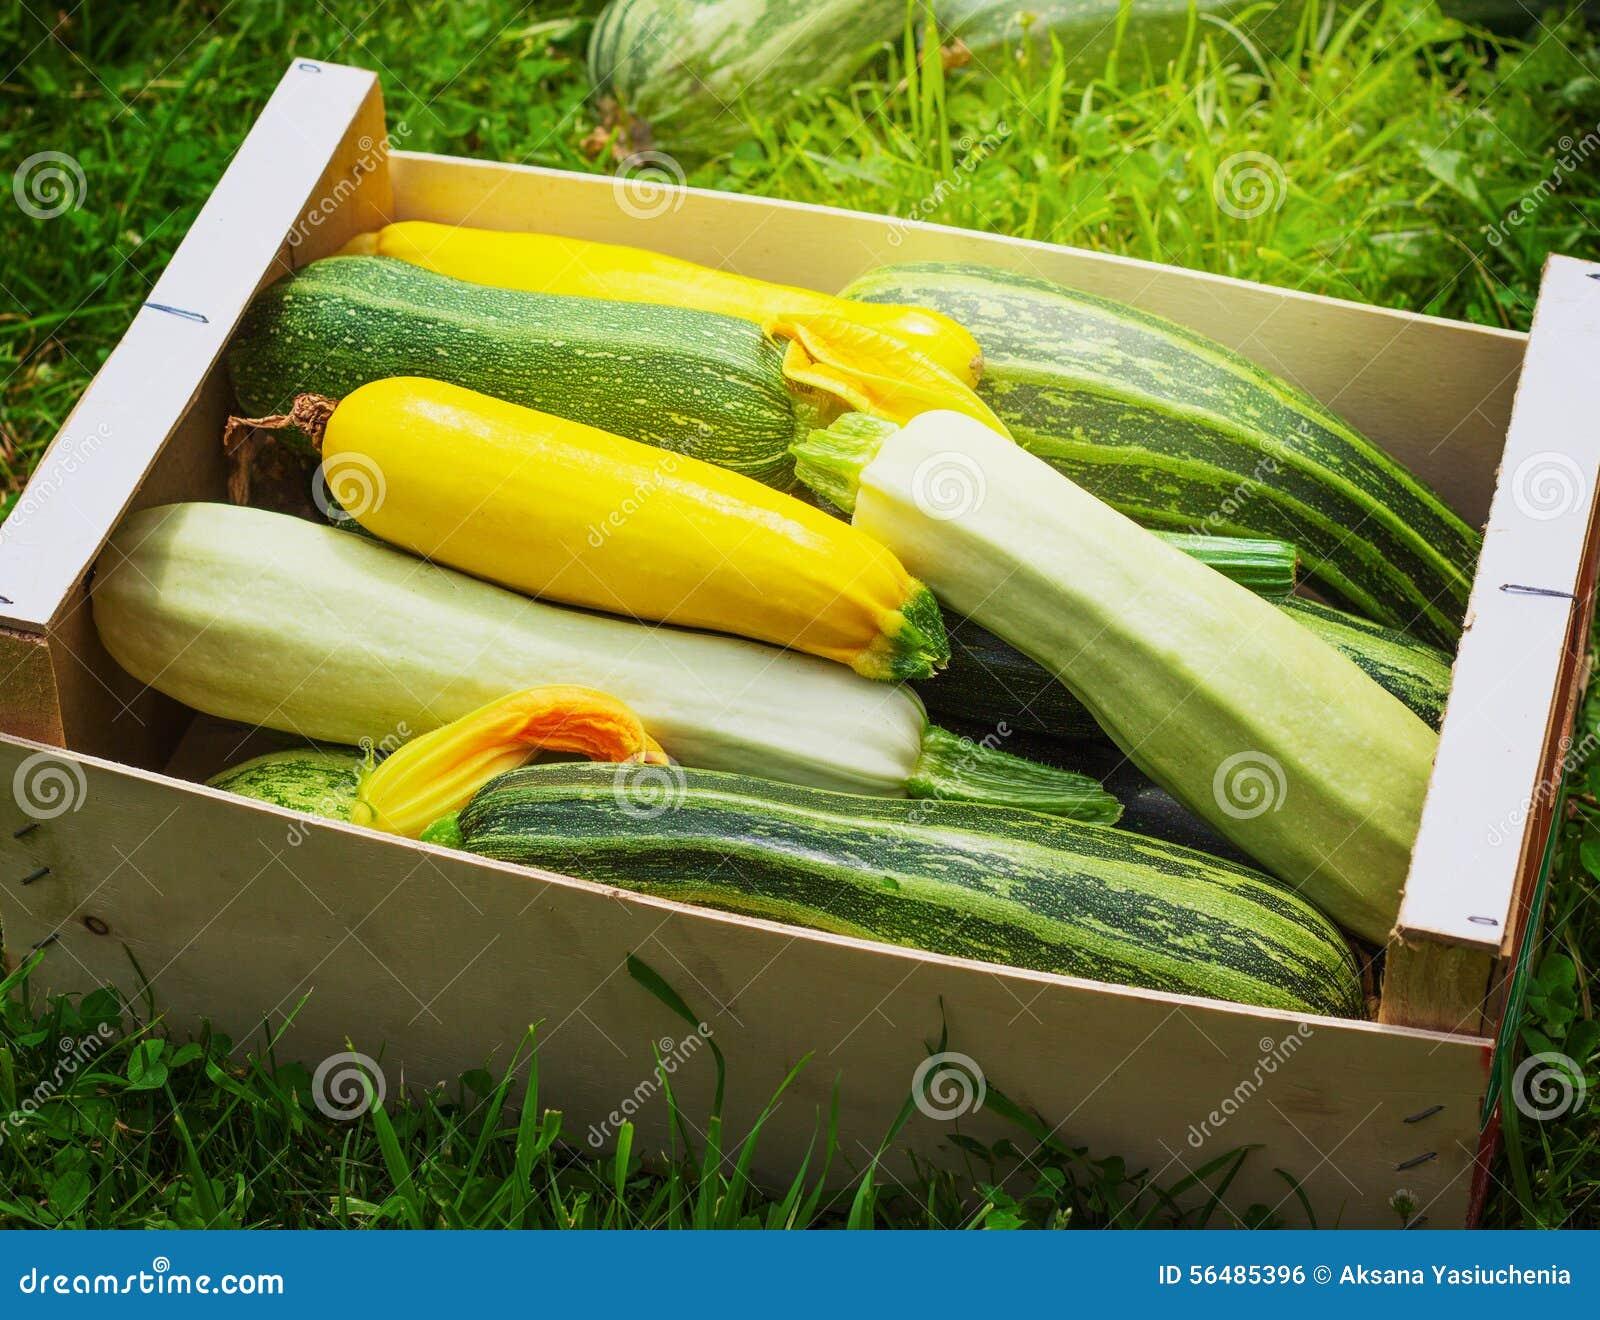 Concombre vert sain frais de courgettes de courgette